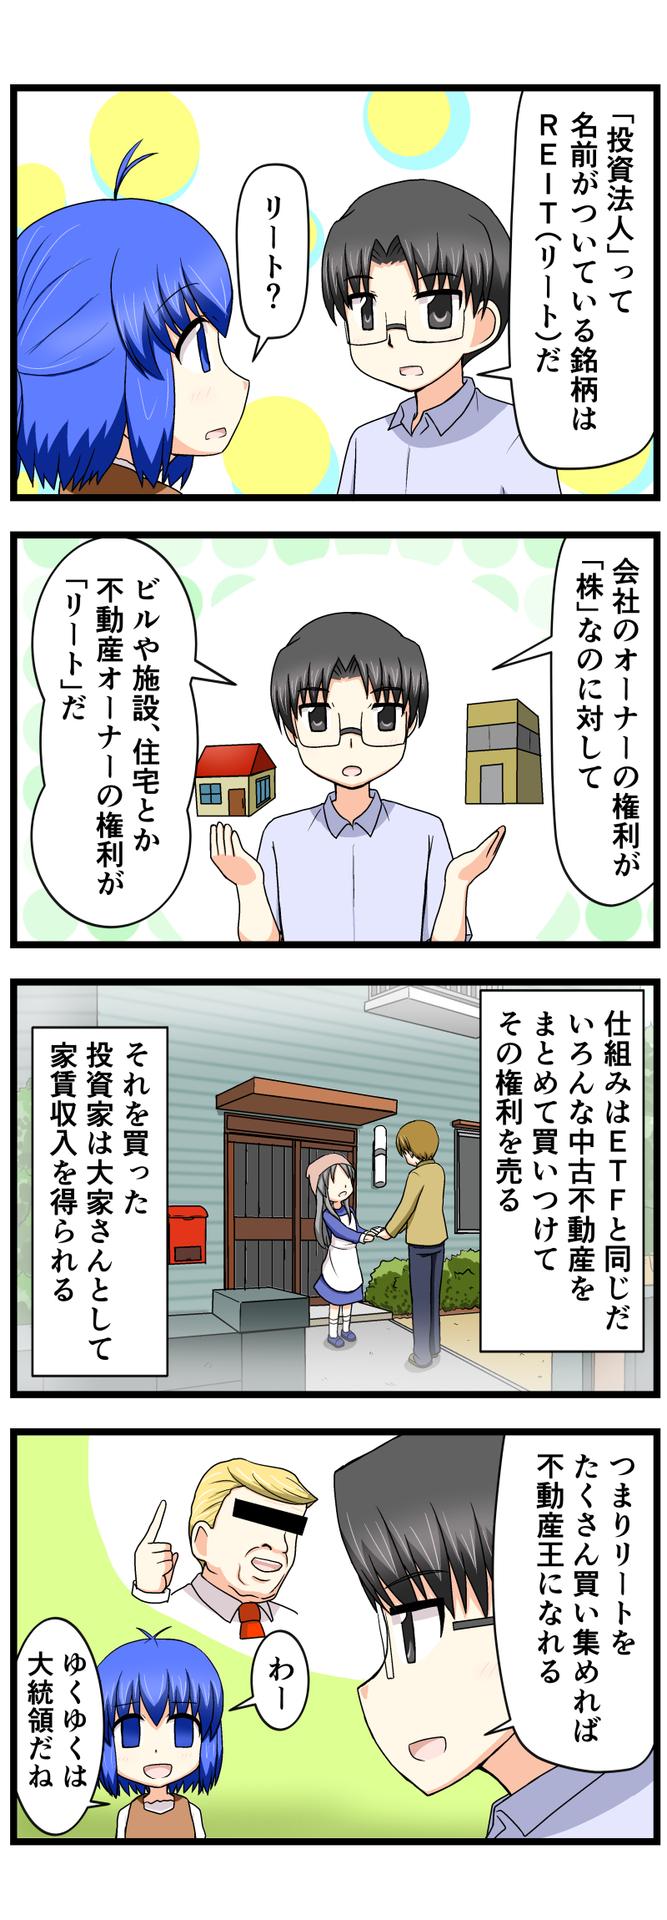 萌える株セミナー77.jpg